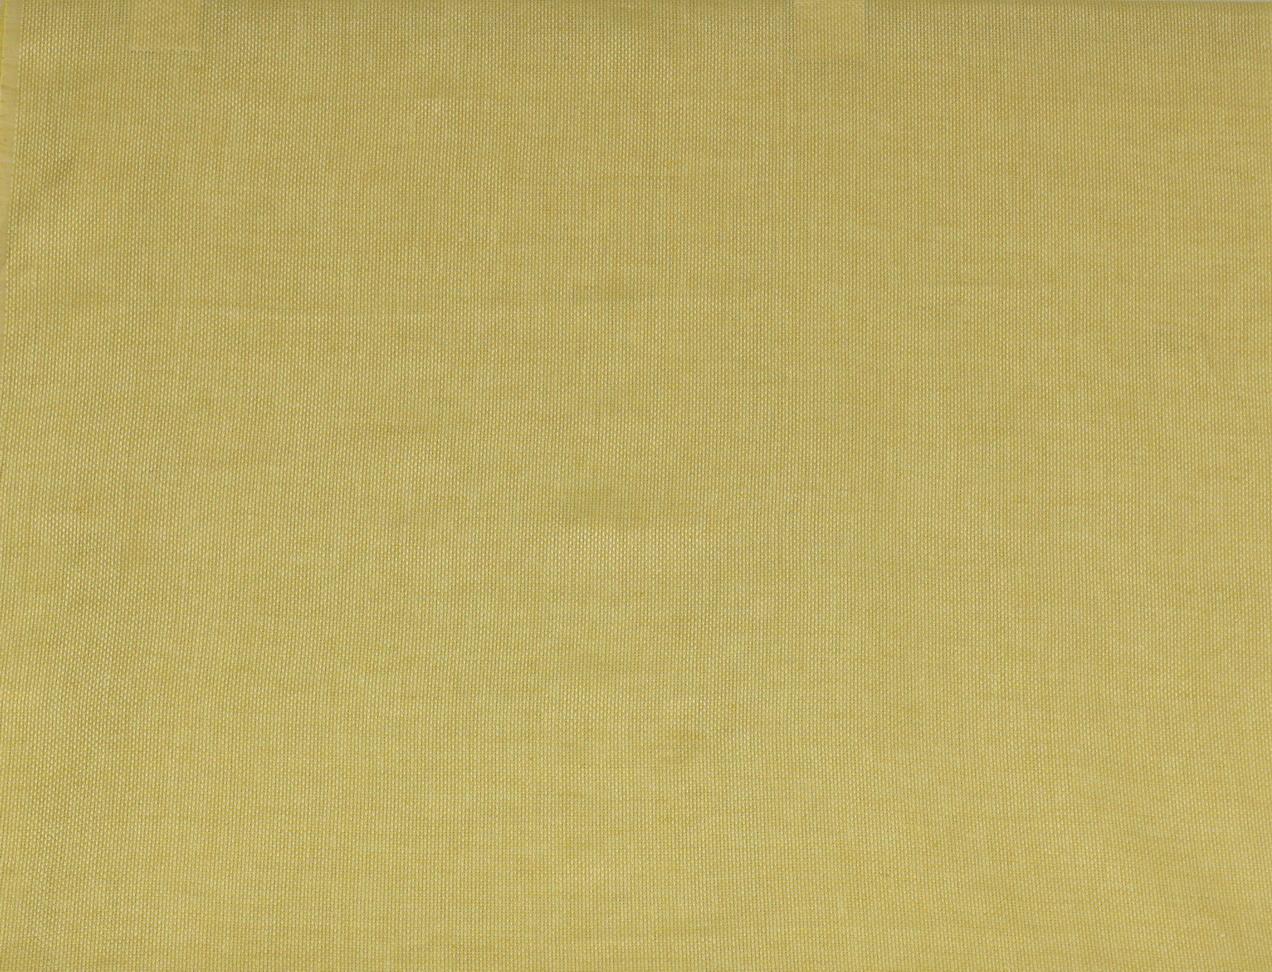 CERRO GARZA Ivory/Yellow Gauze